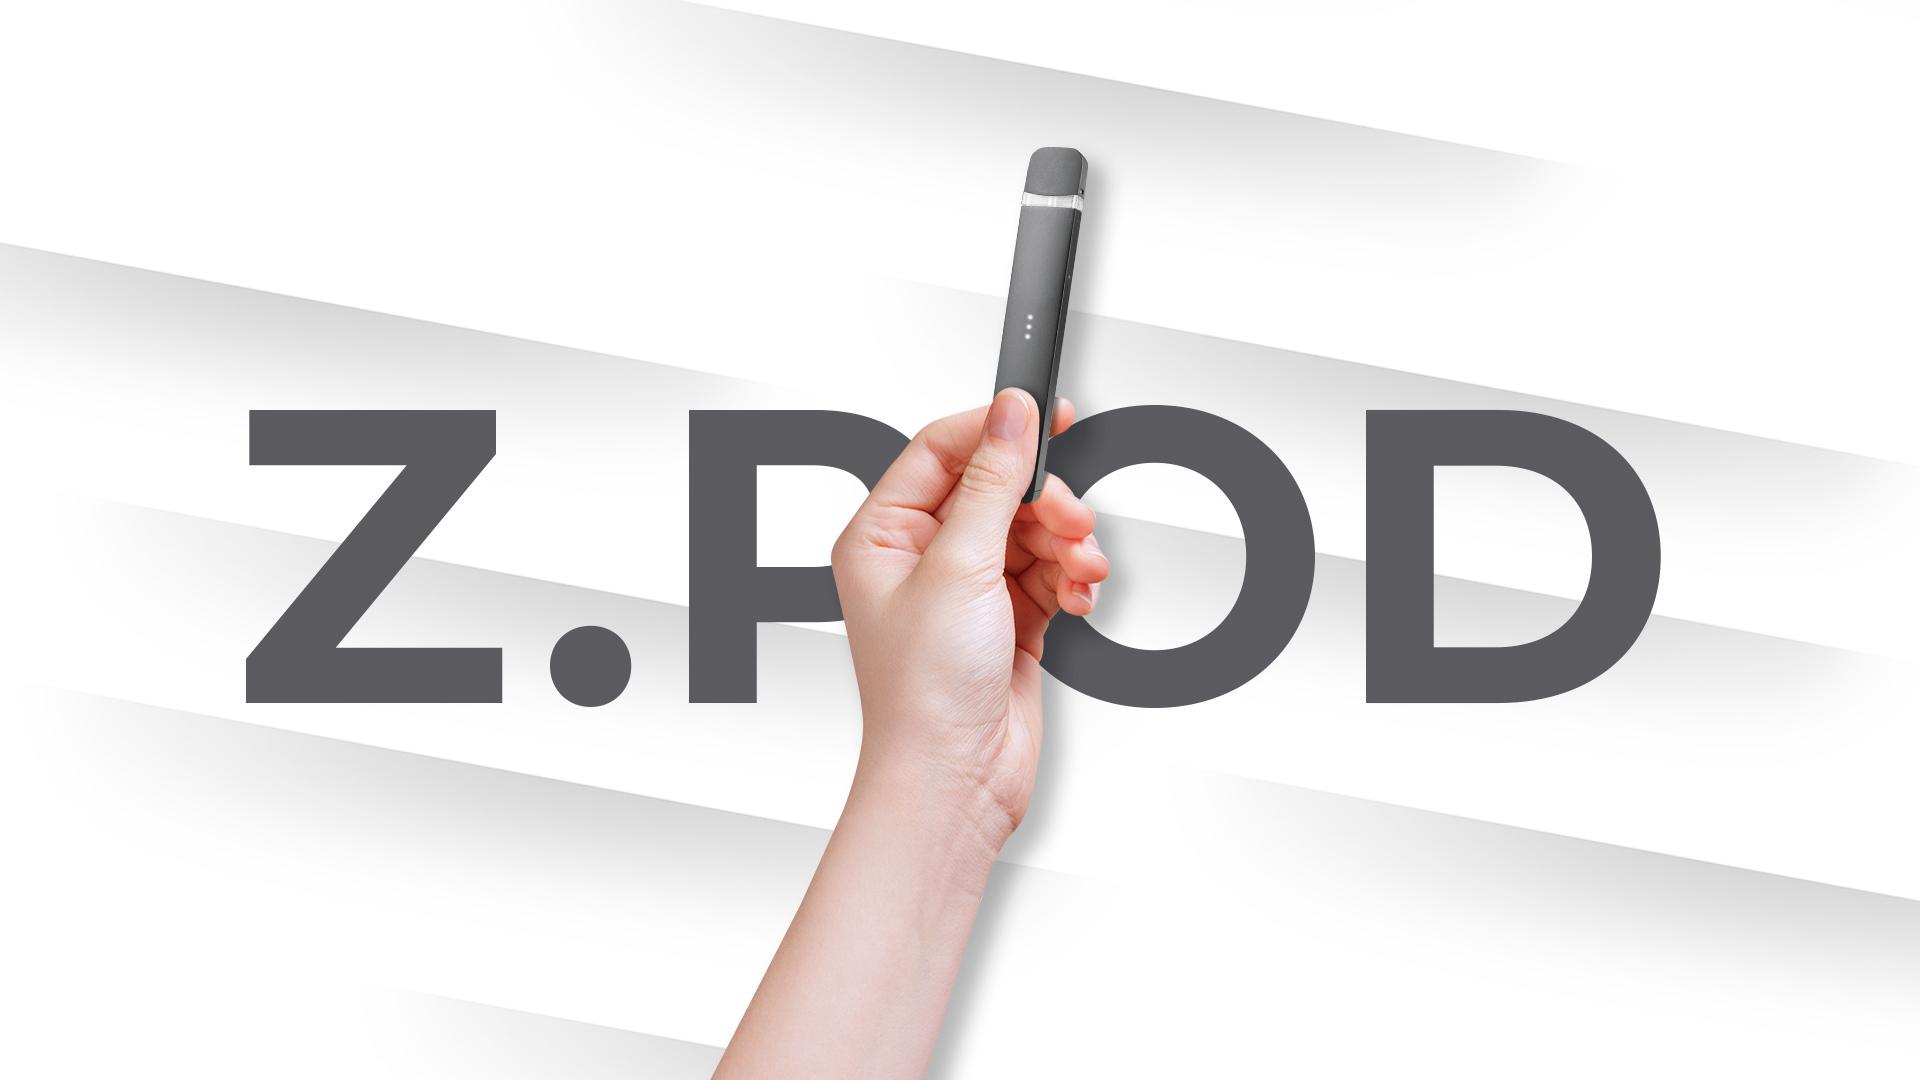 banner zomo zpod mão com device